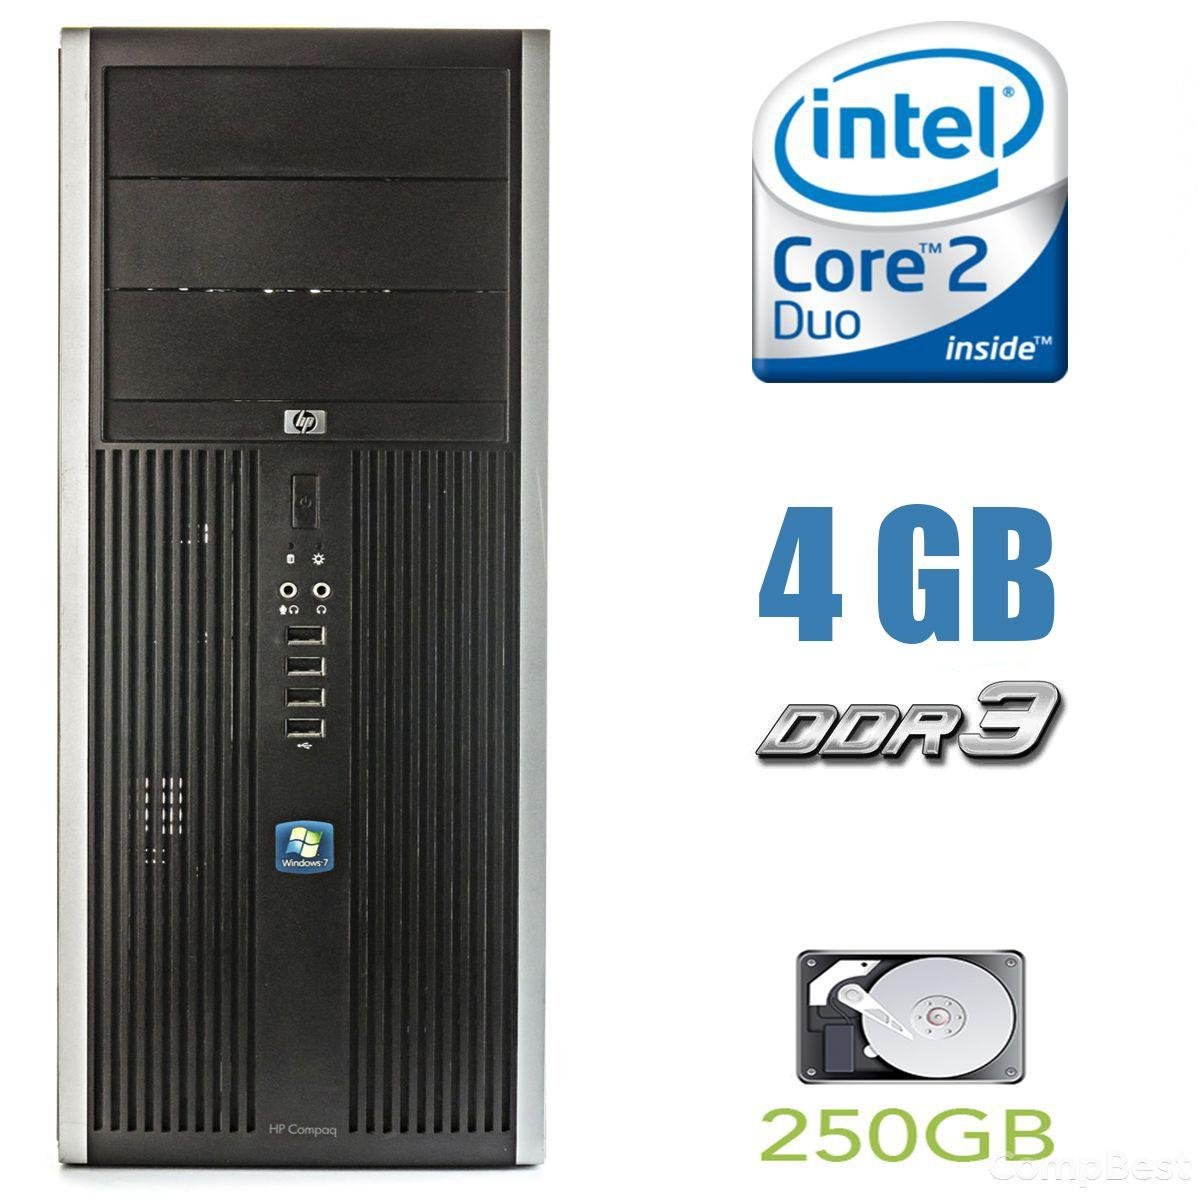 HP Compaq Elite 8000 MT / Intel Core 2 Duo E8400 (2 ядра по 3.00GHz) / 4 GB DDR3 / 250 GB HDD